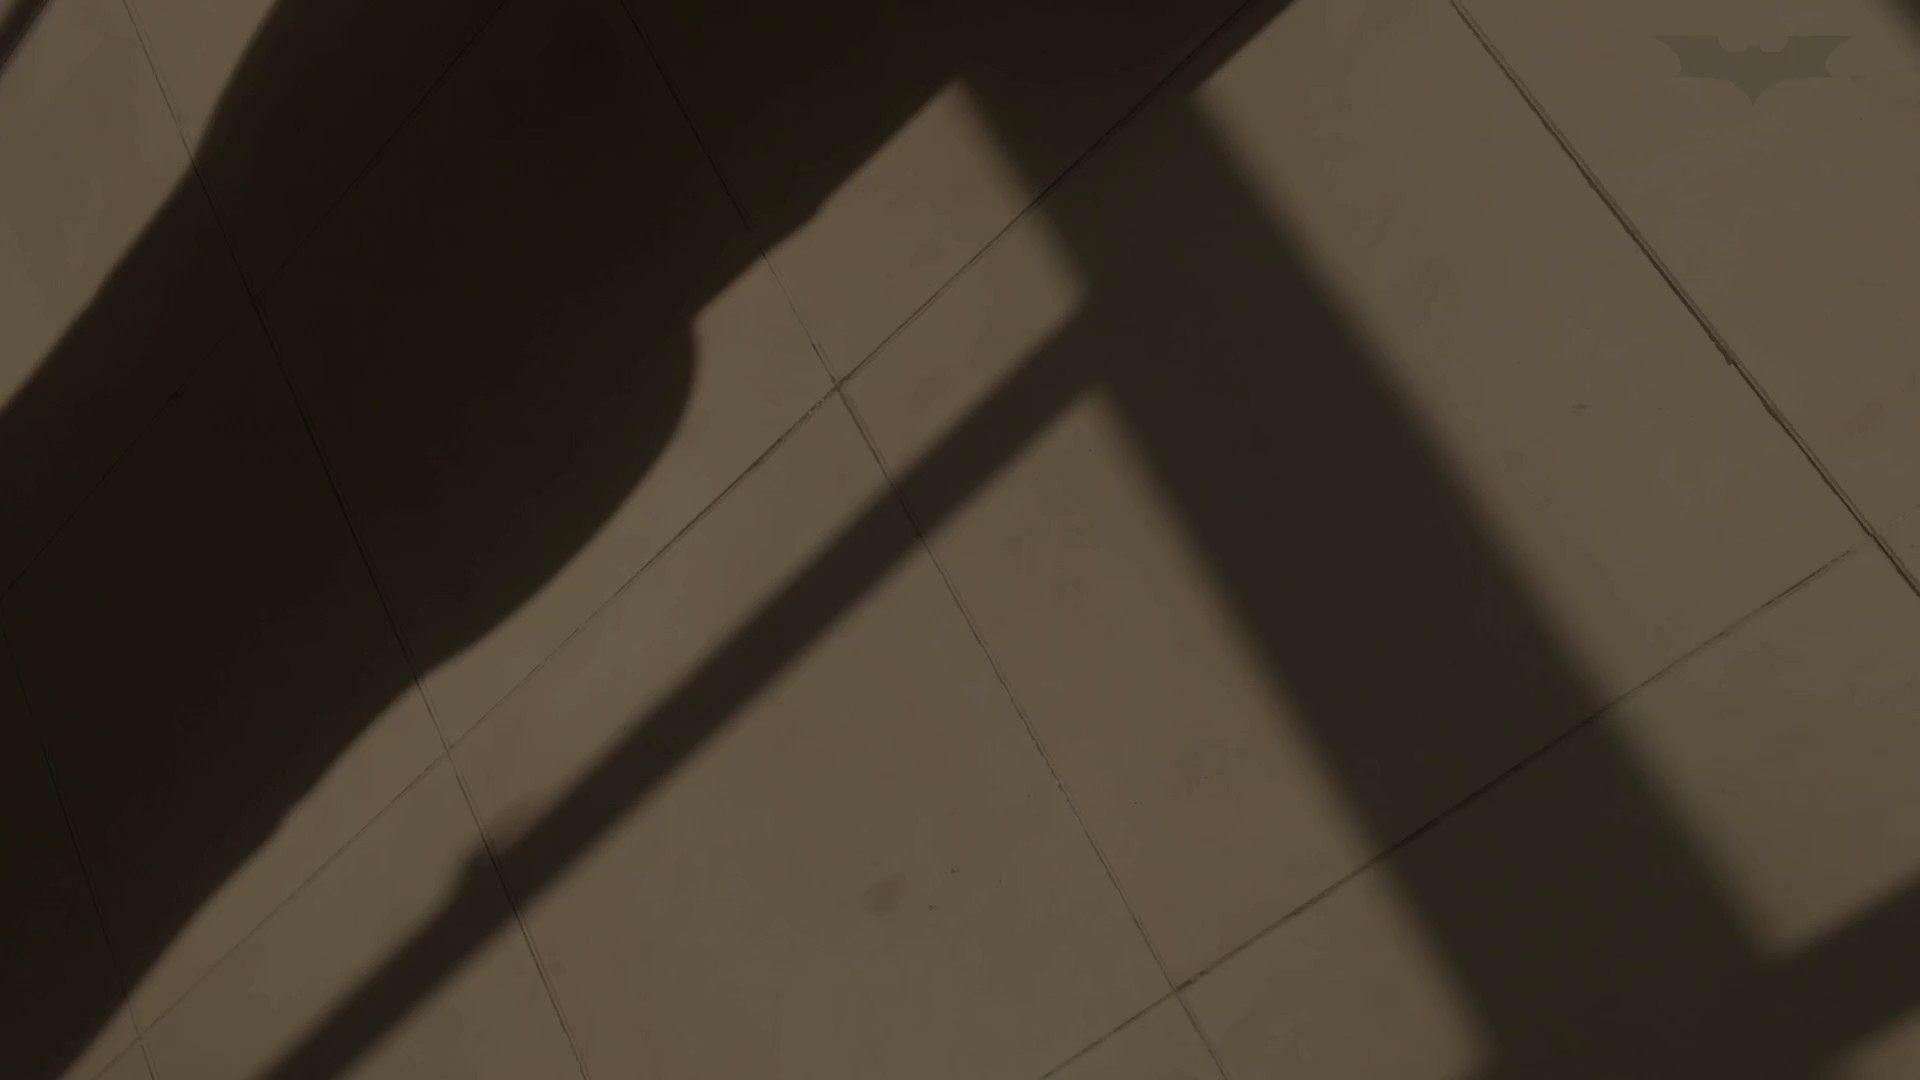 芸術大学ガチ潜入盗撮 JD盗撮 美女の洗面所の秘密 Vol.91 洗面所  58PIX 12